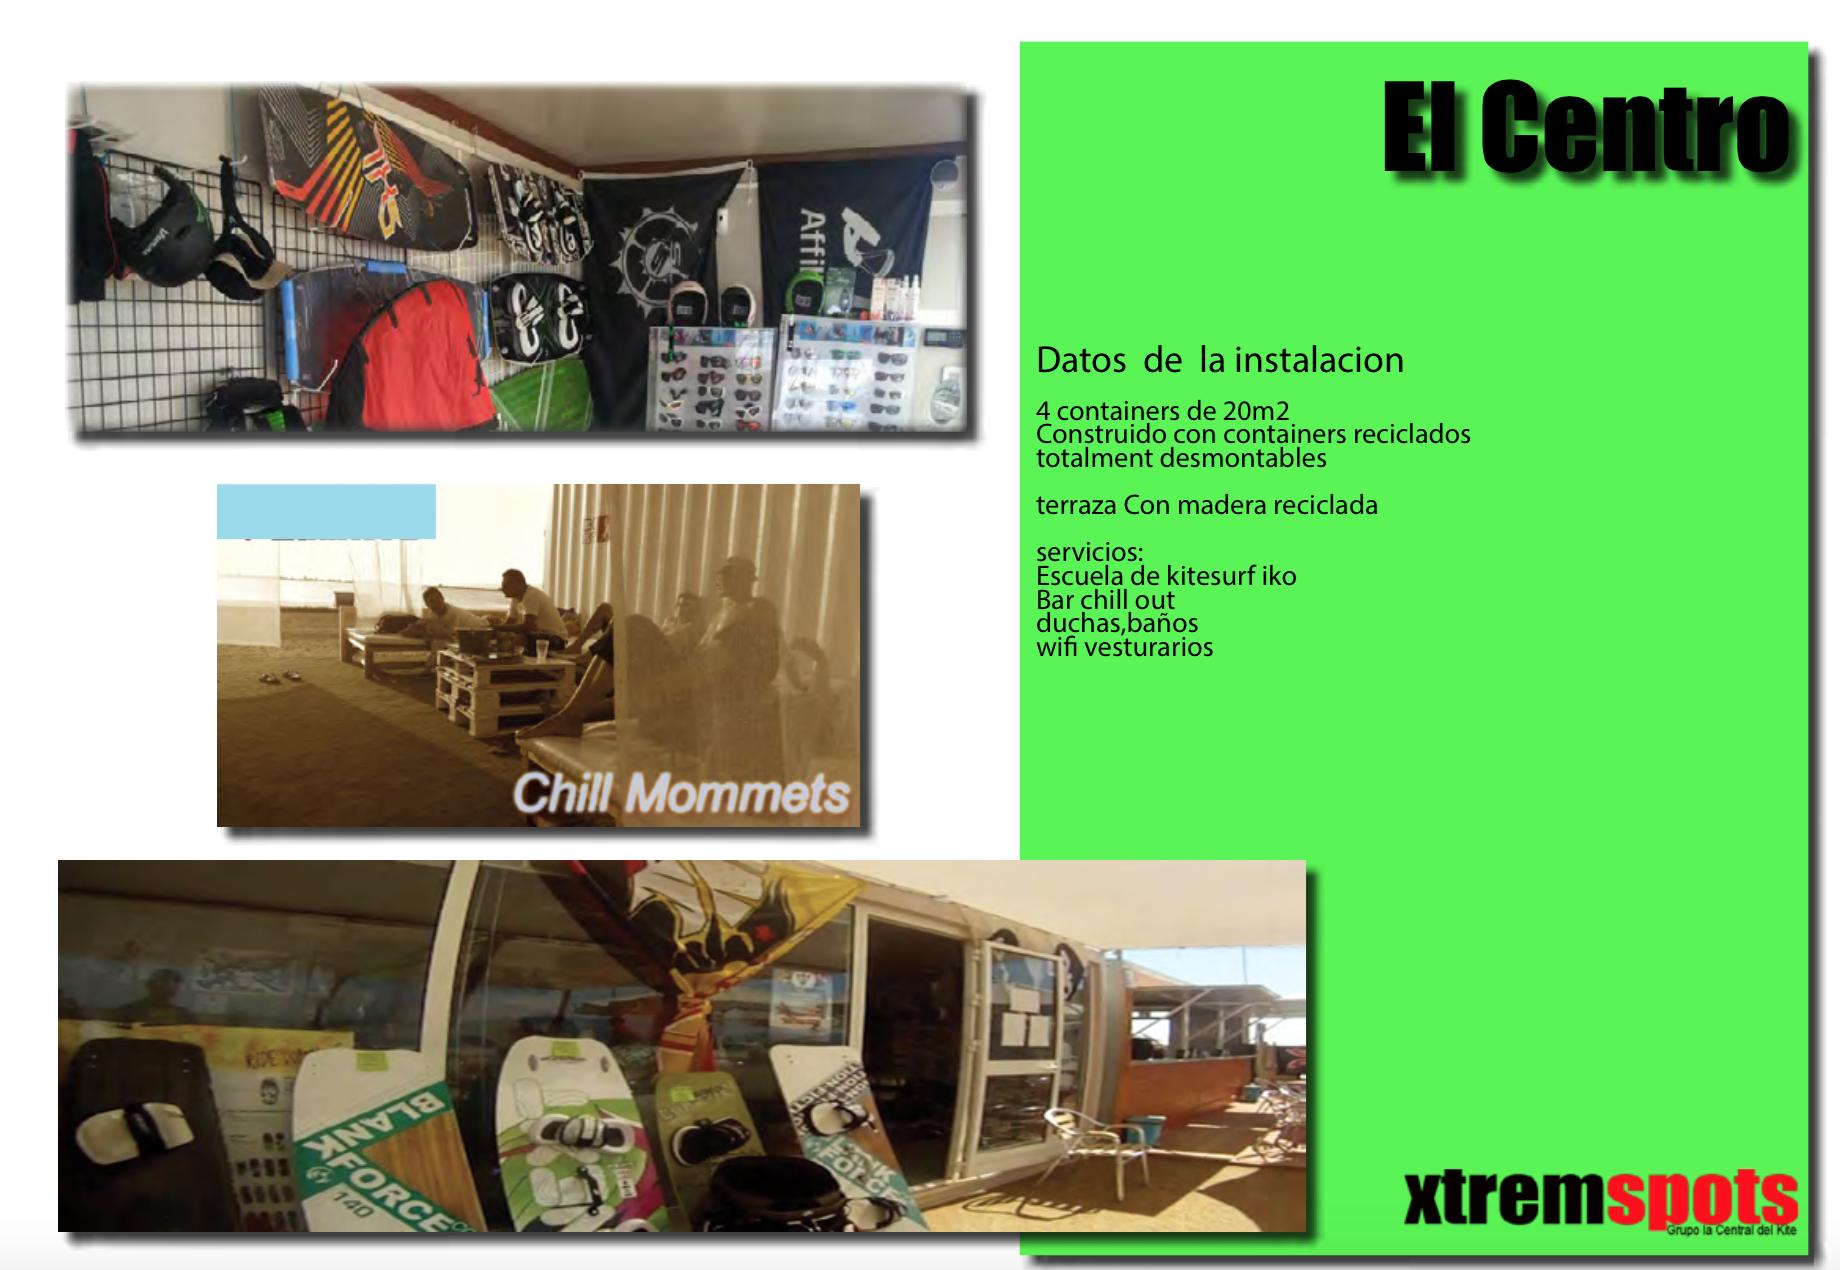 la tienda de kitesurf